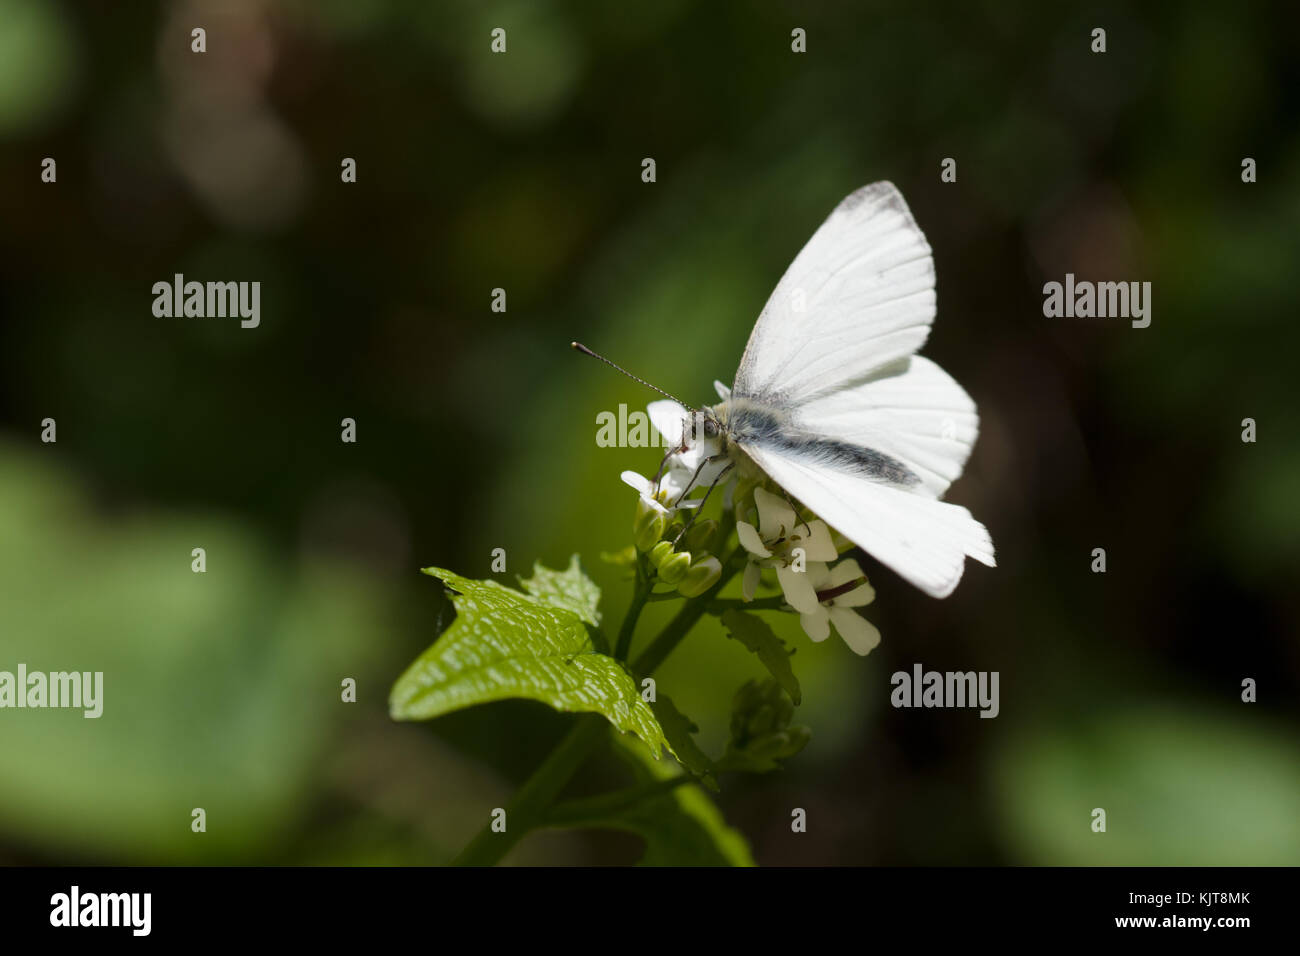 Female orange tip butterfly on Alliaria petiolata Stock Photo